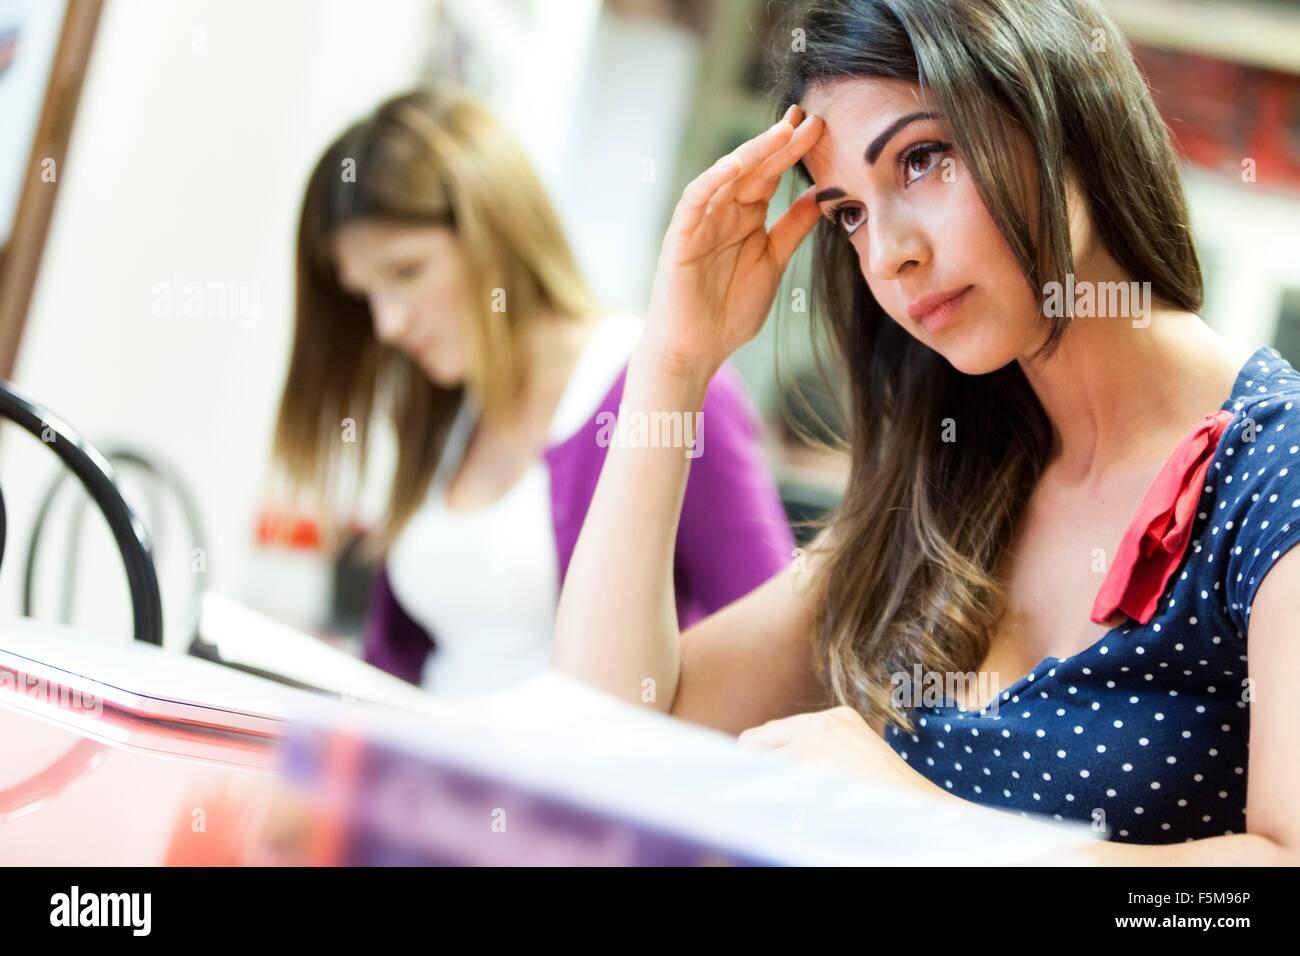 Junge Frau sitzt am Schreibtisch, Studium, nachdenklichen Ausdruck Stockbild